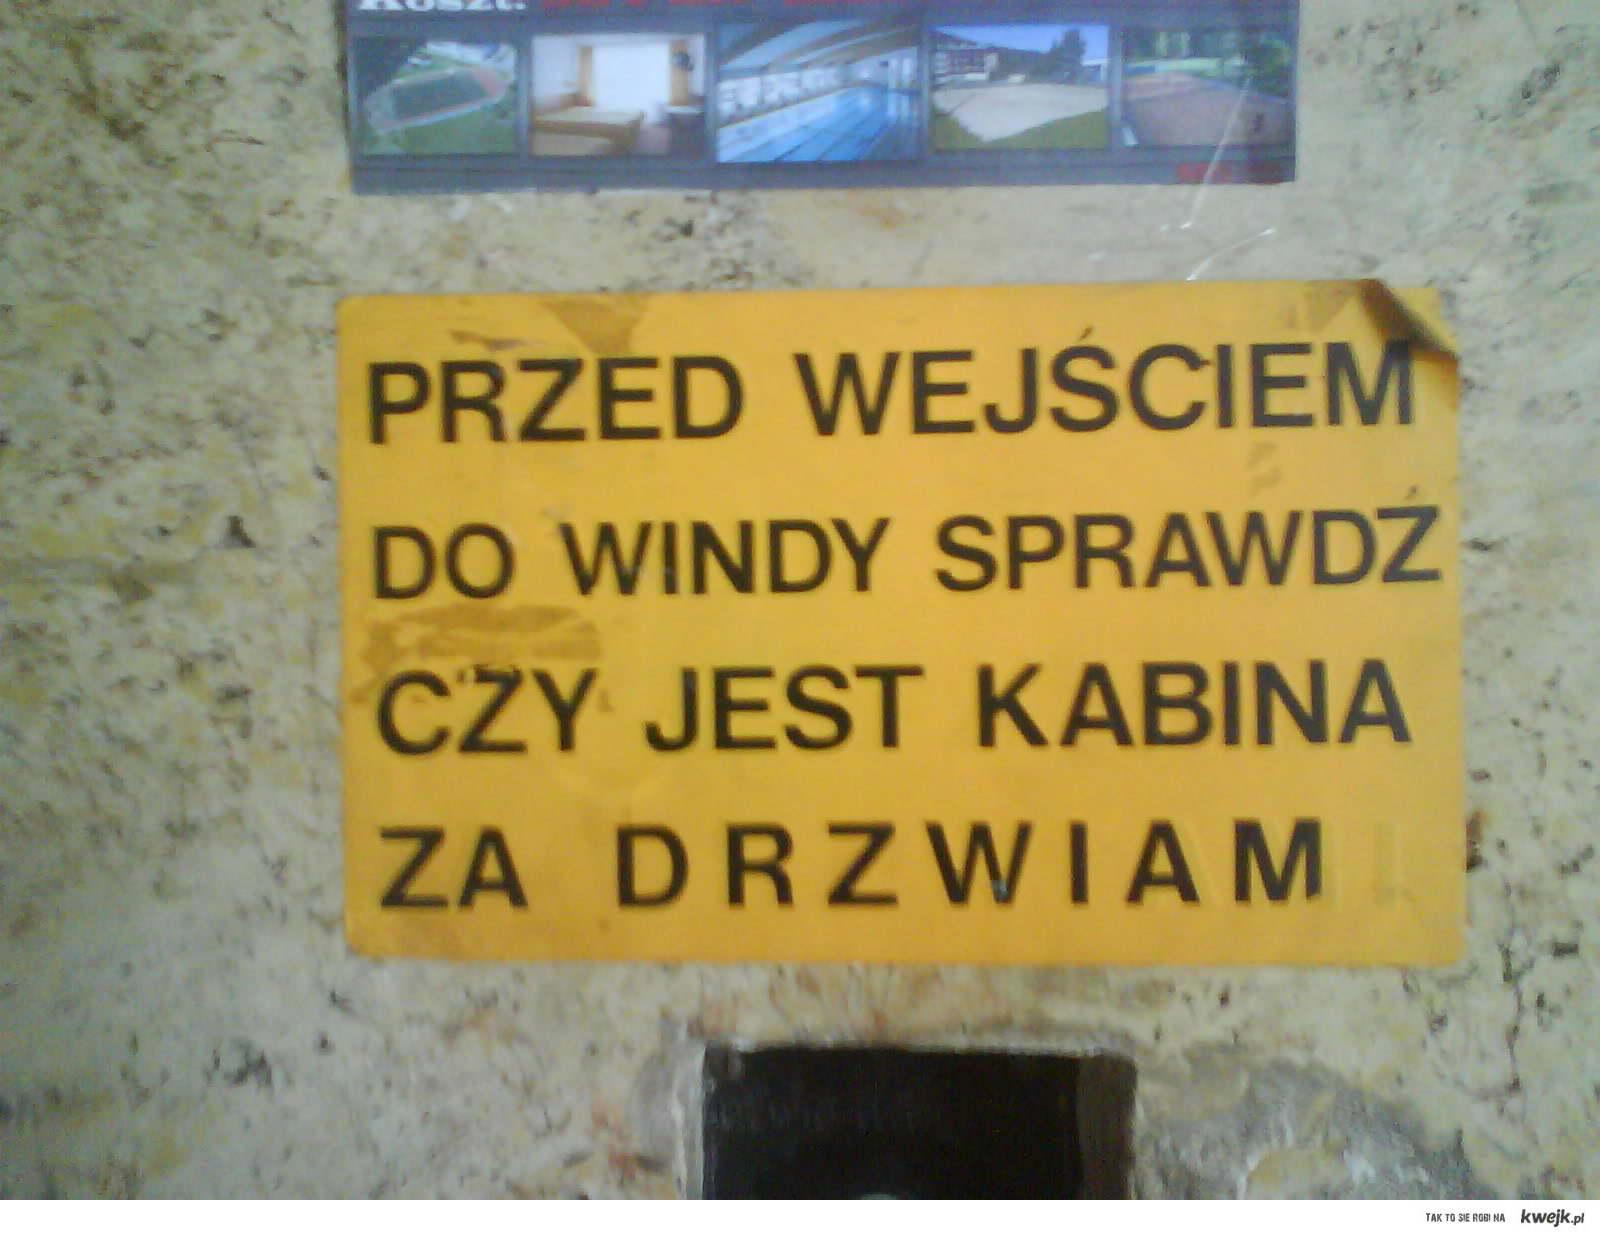 badz czujny :)